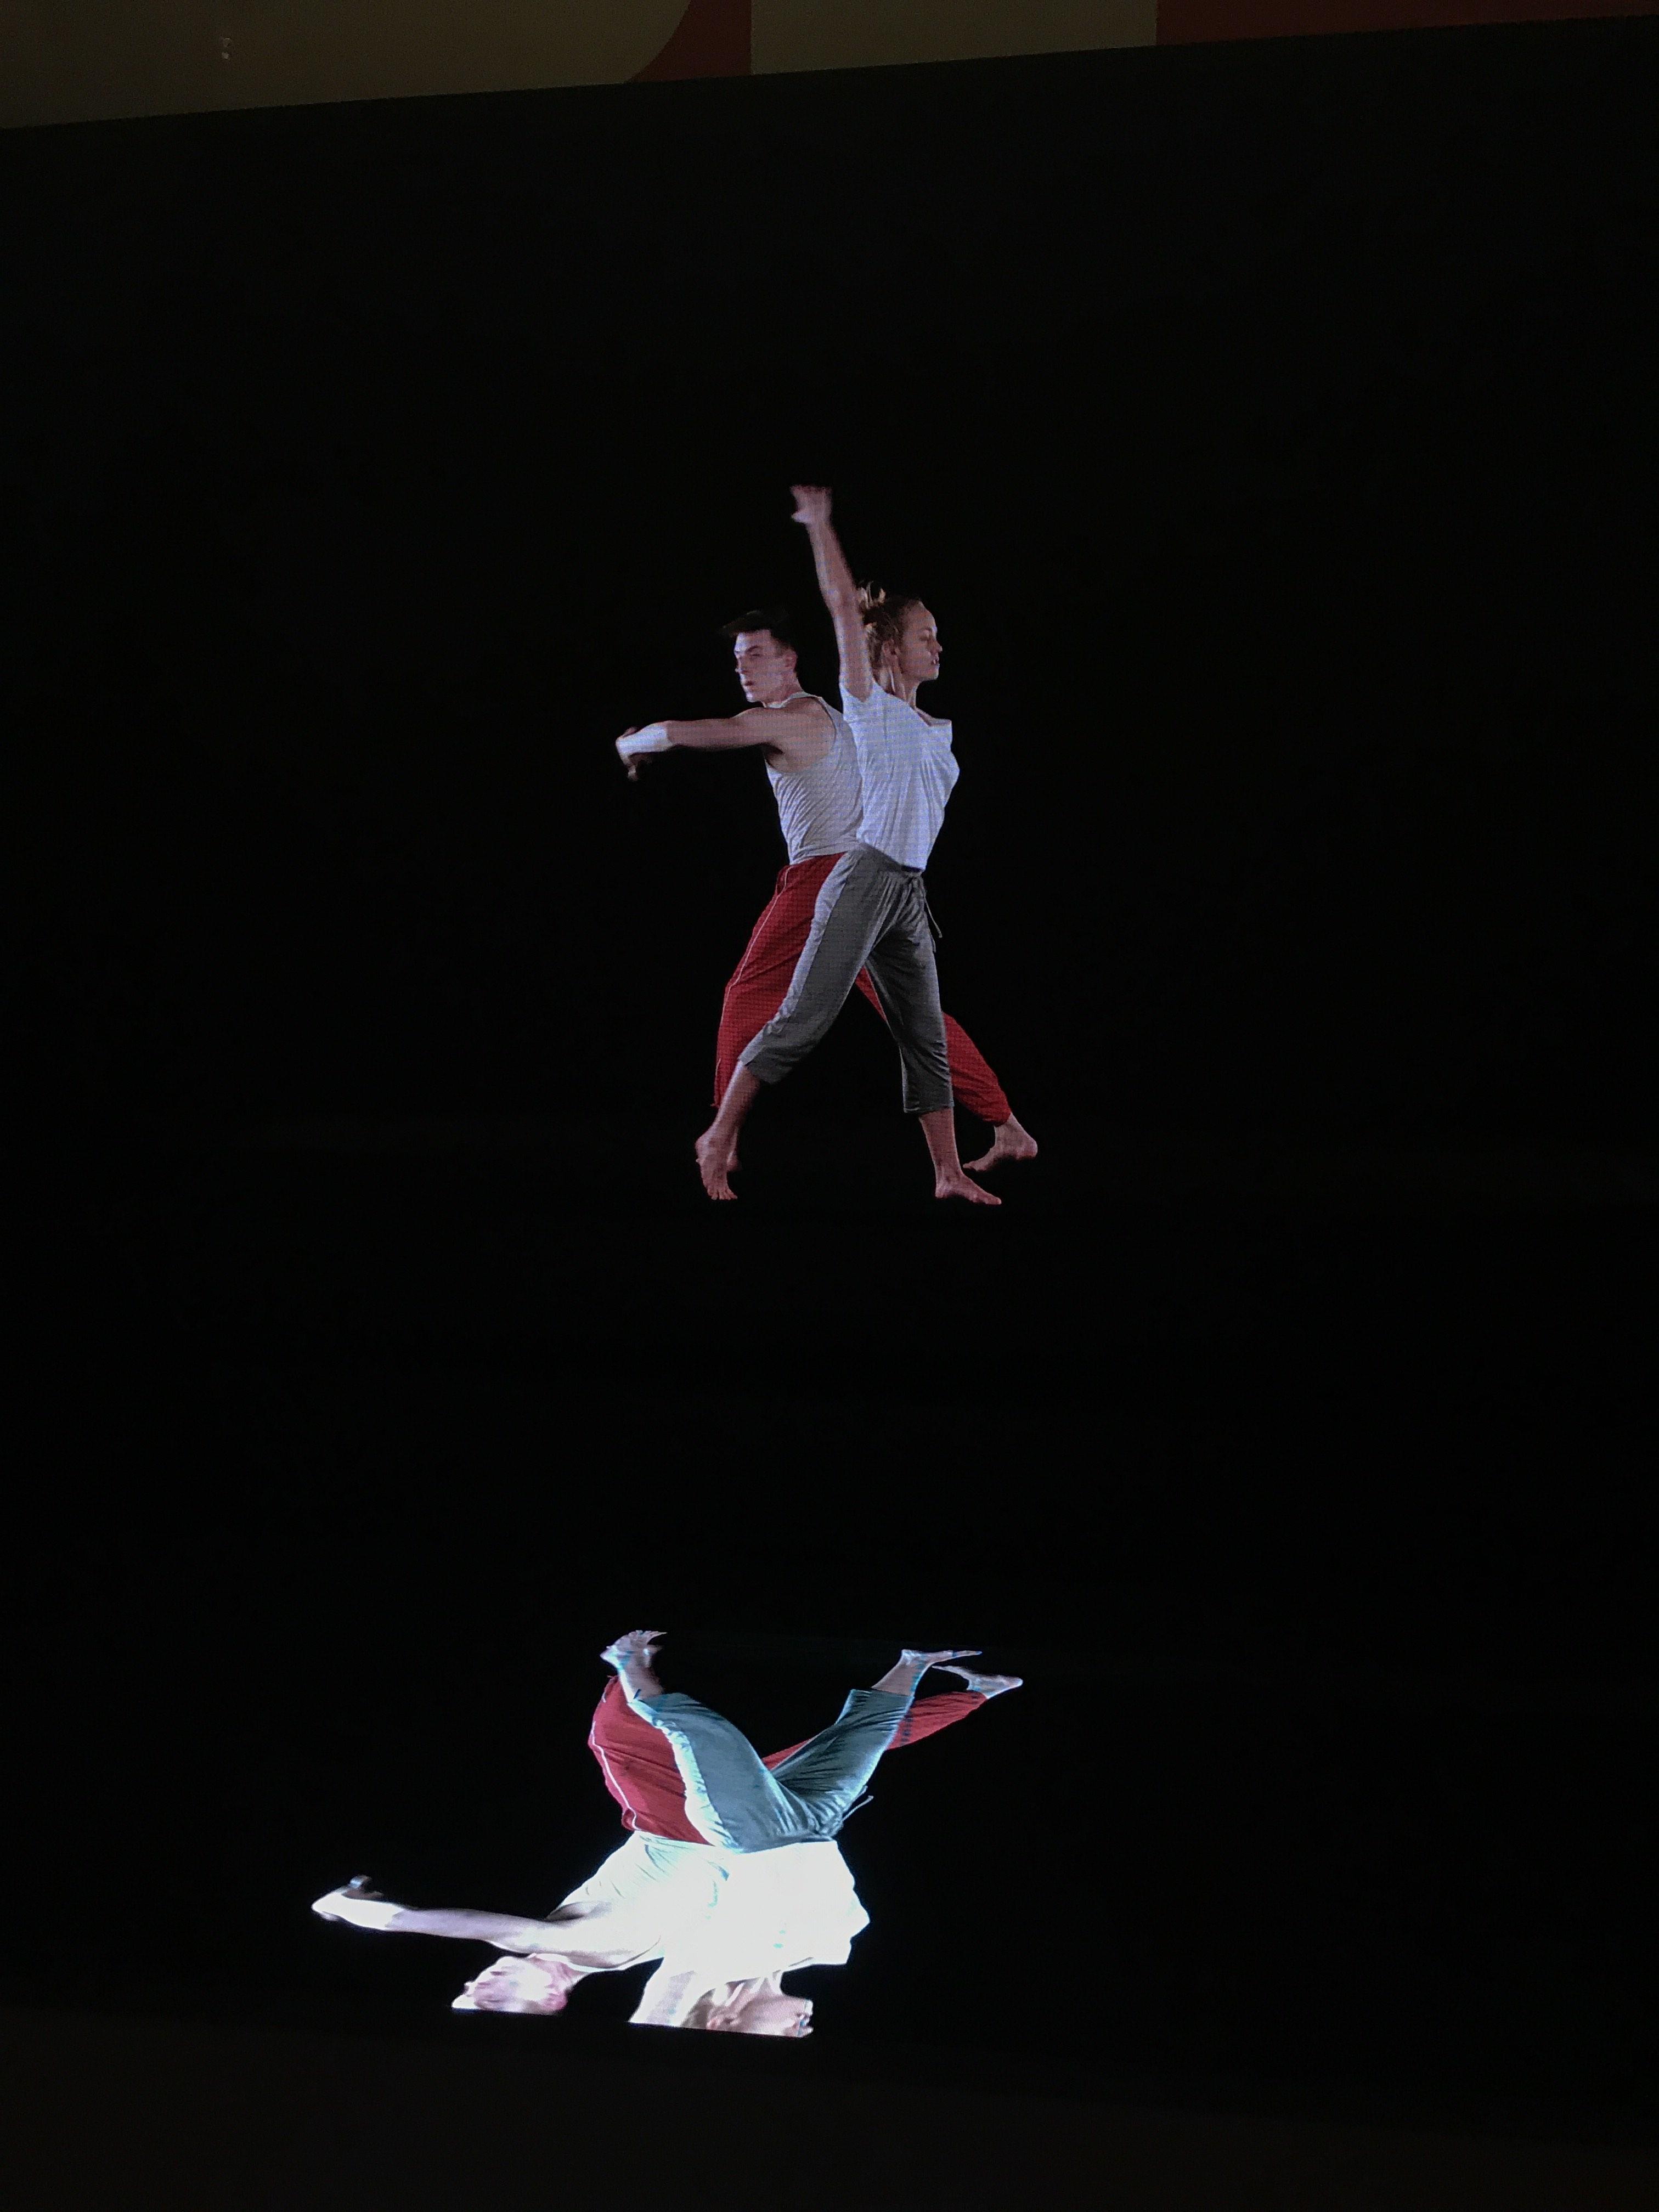 reflections redux, benjamin millepied, barbara kruger, ballet, danse contemporaine, mise en abyme, reflexivité, L A dance project, opera de paris, slogans